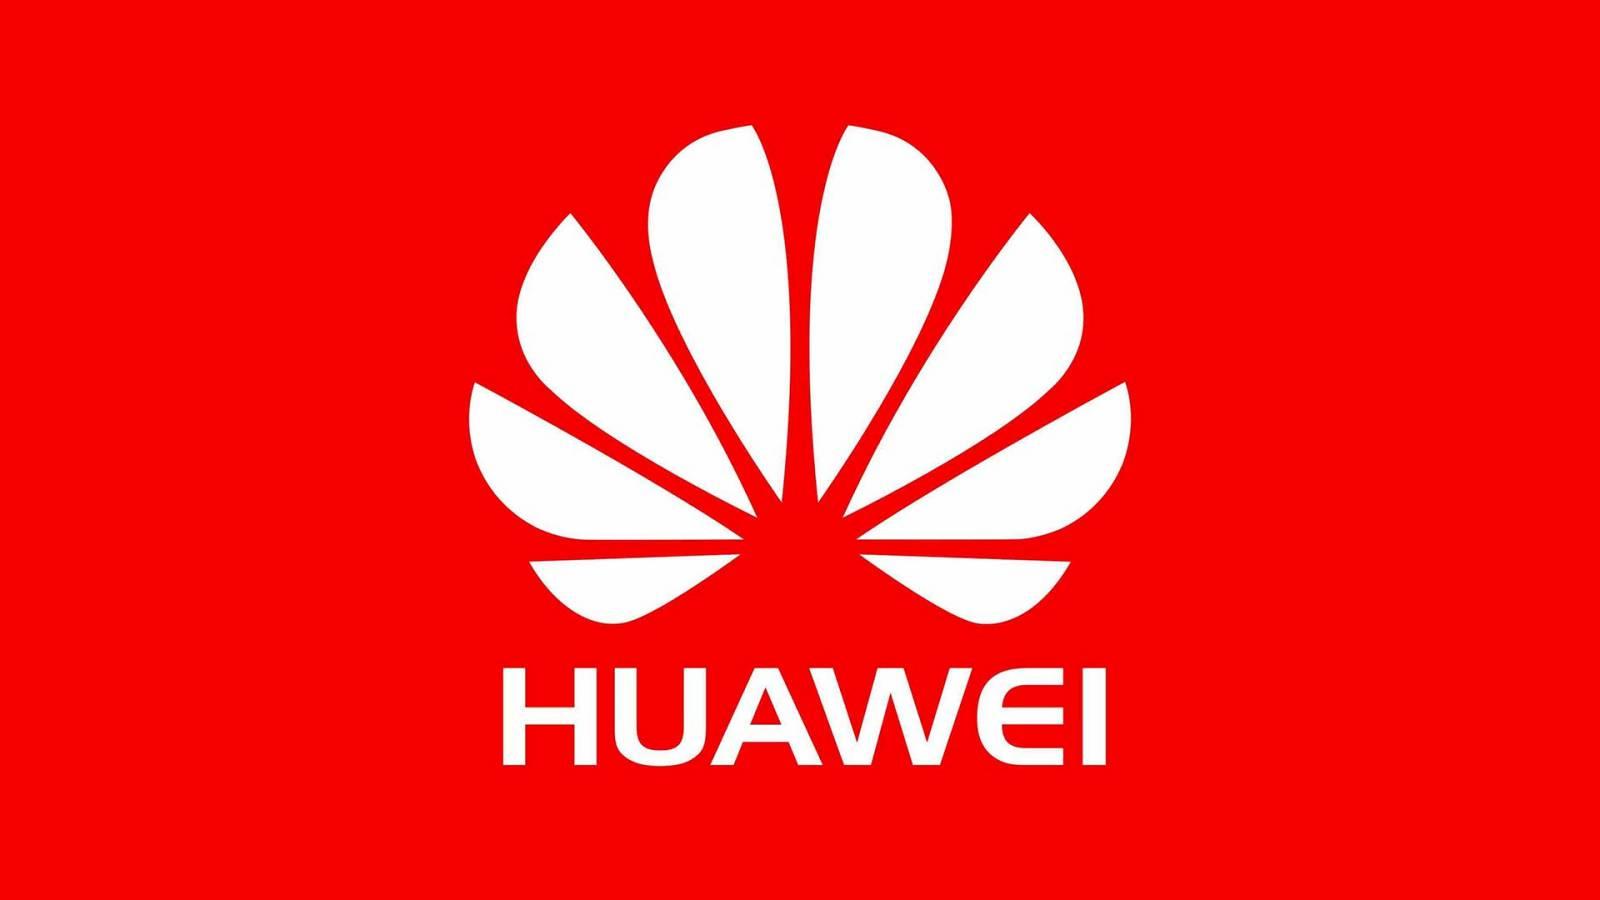 Huawei revolutie